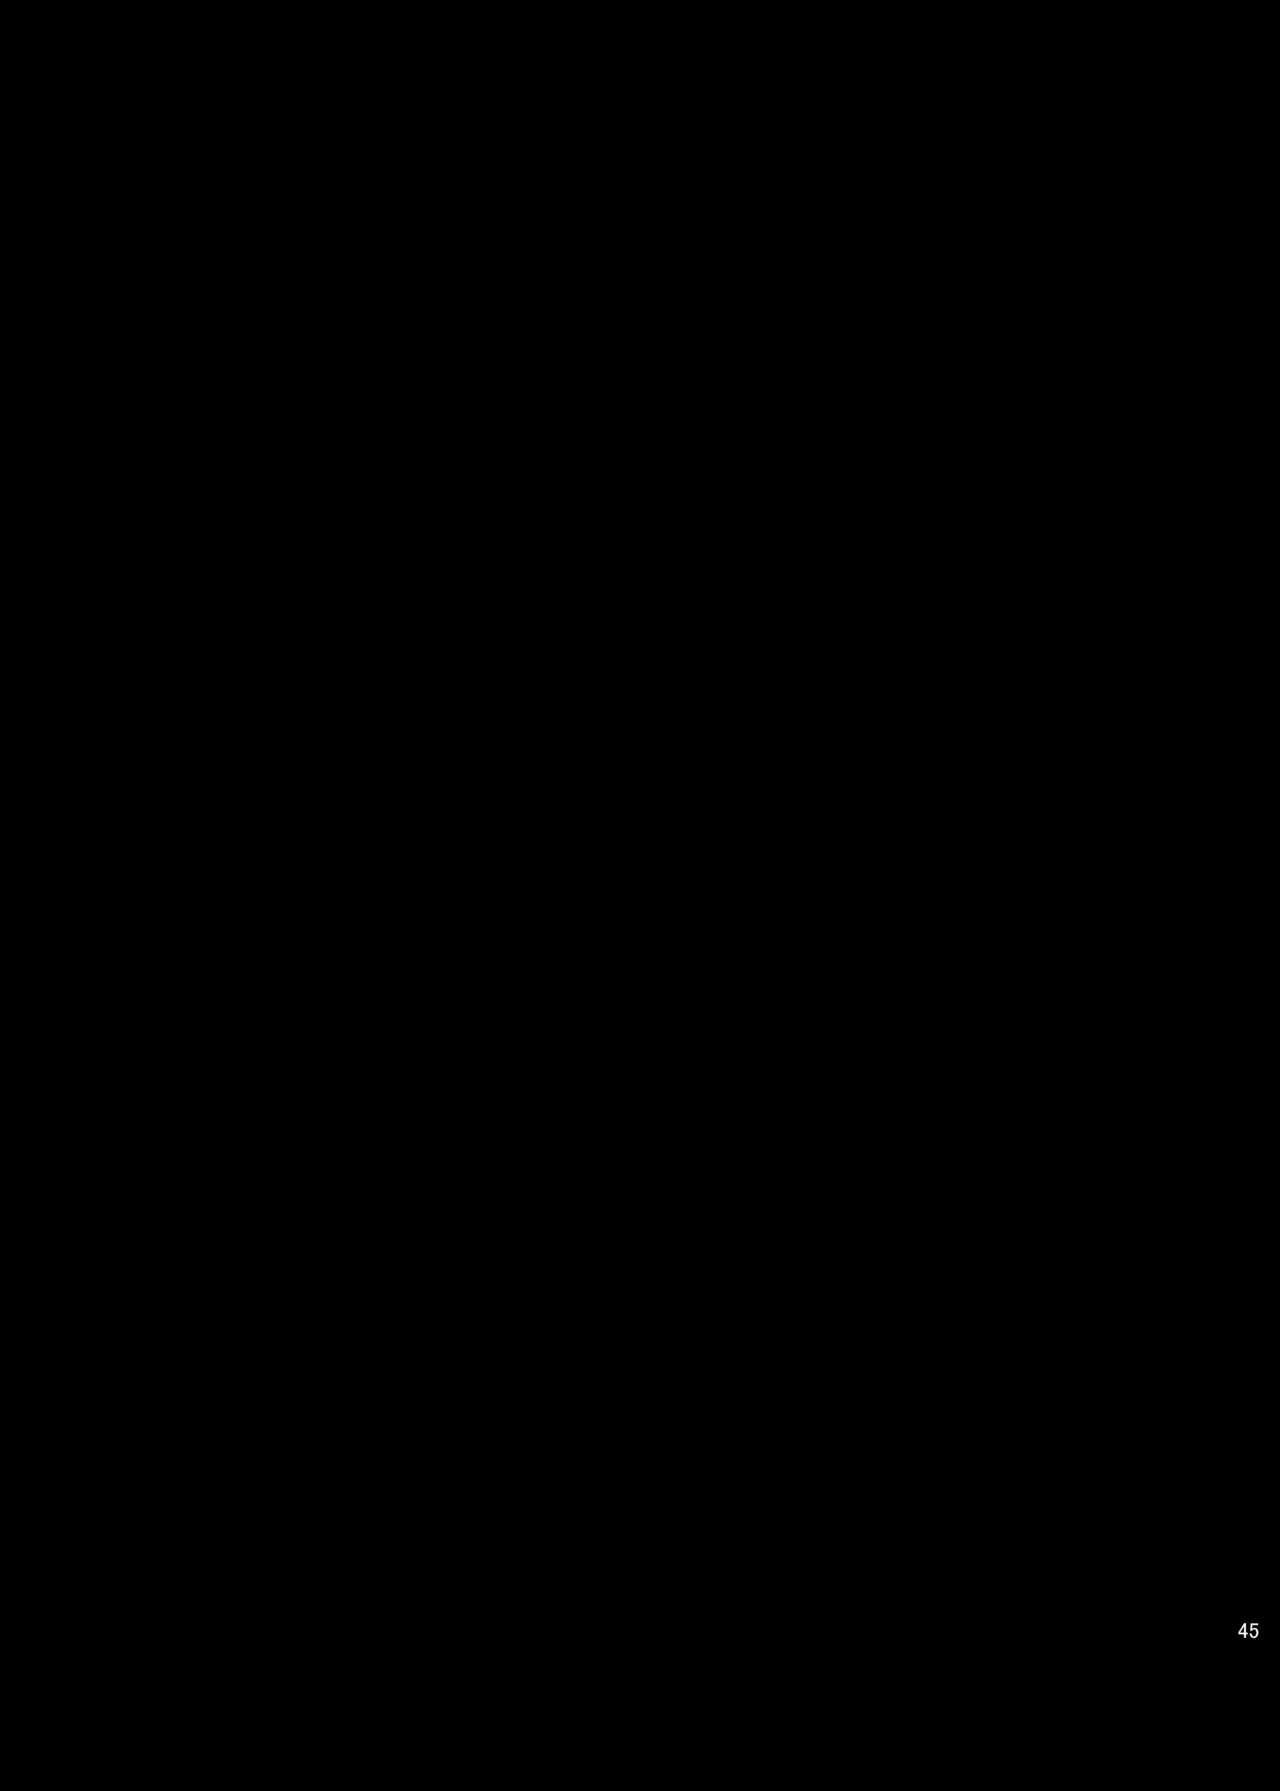 Satsui no Arika 46